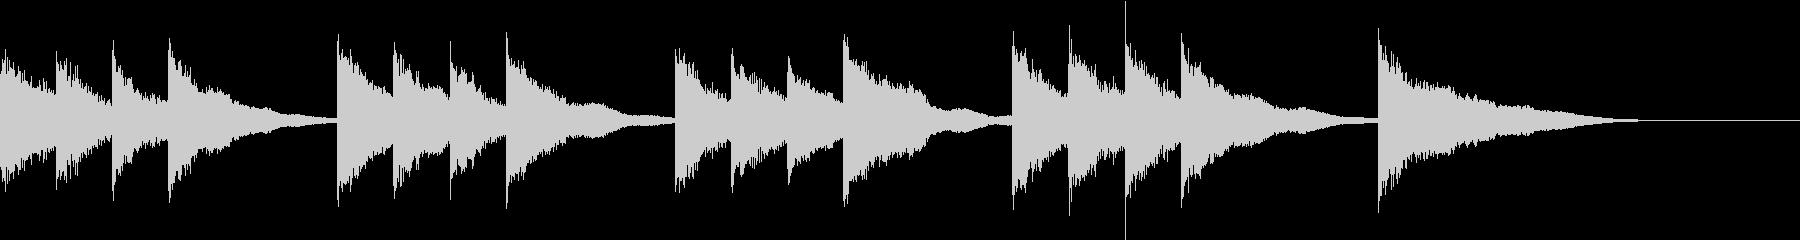 シンプルなベルの開演ベルの未再生の波形